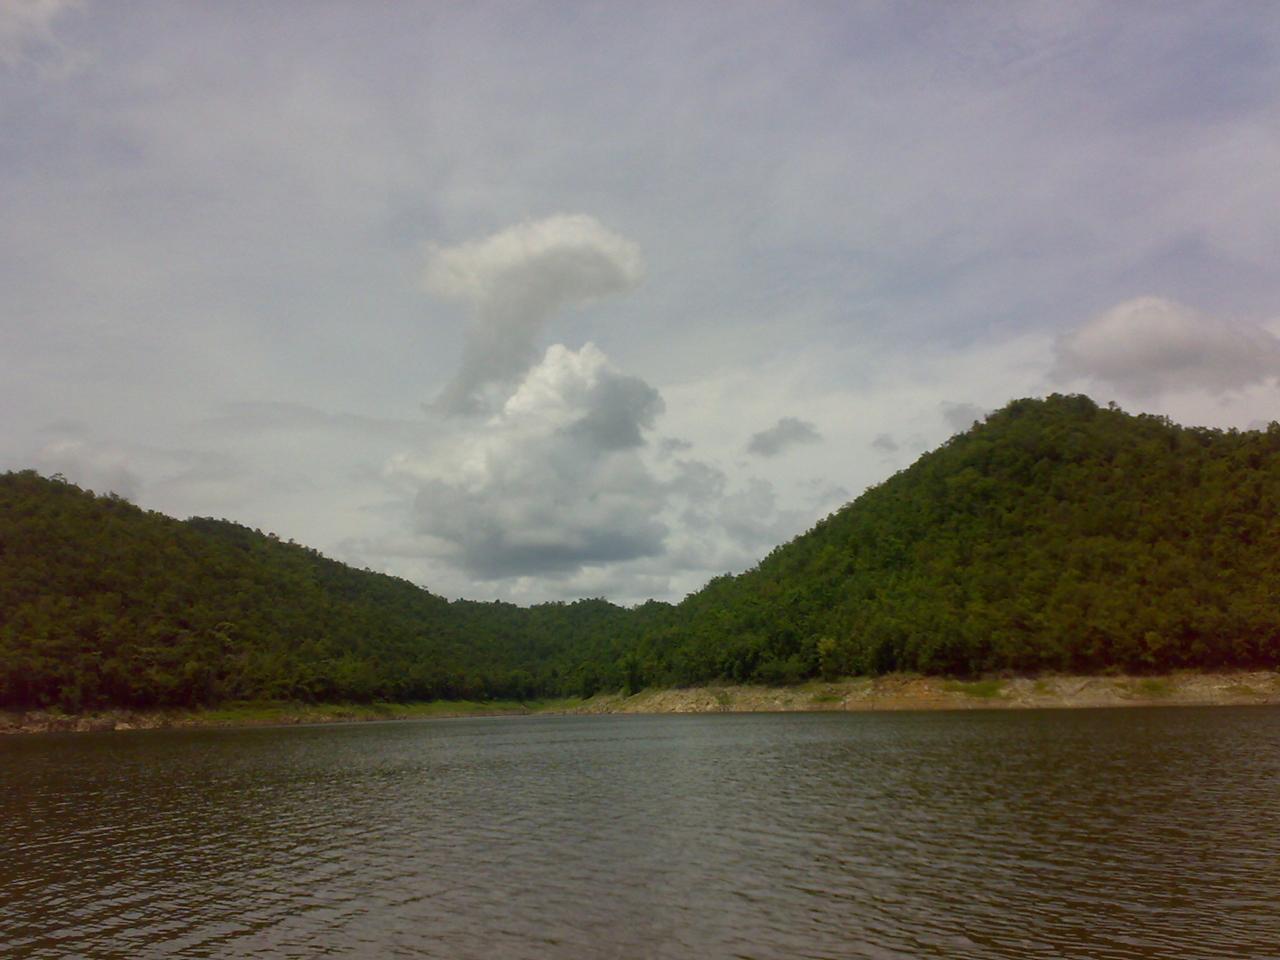 มองออกไปจะเห็นแต่น้ำและภูเขา